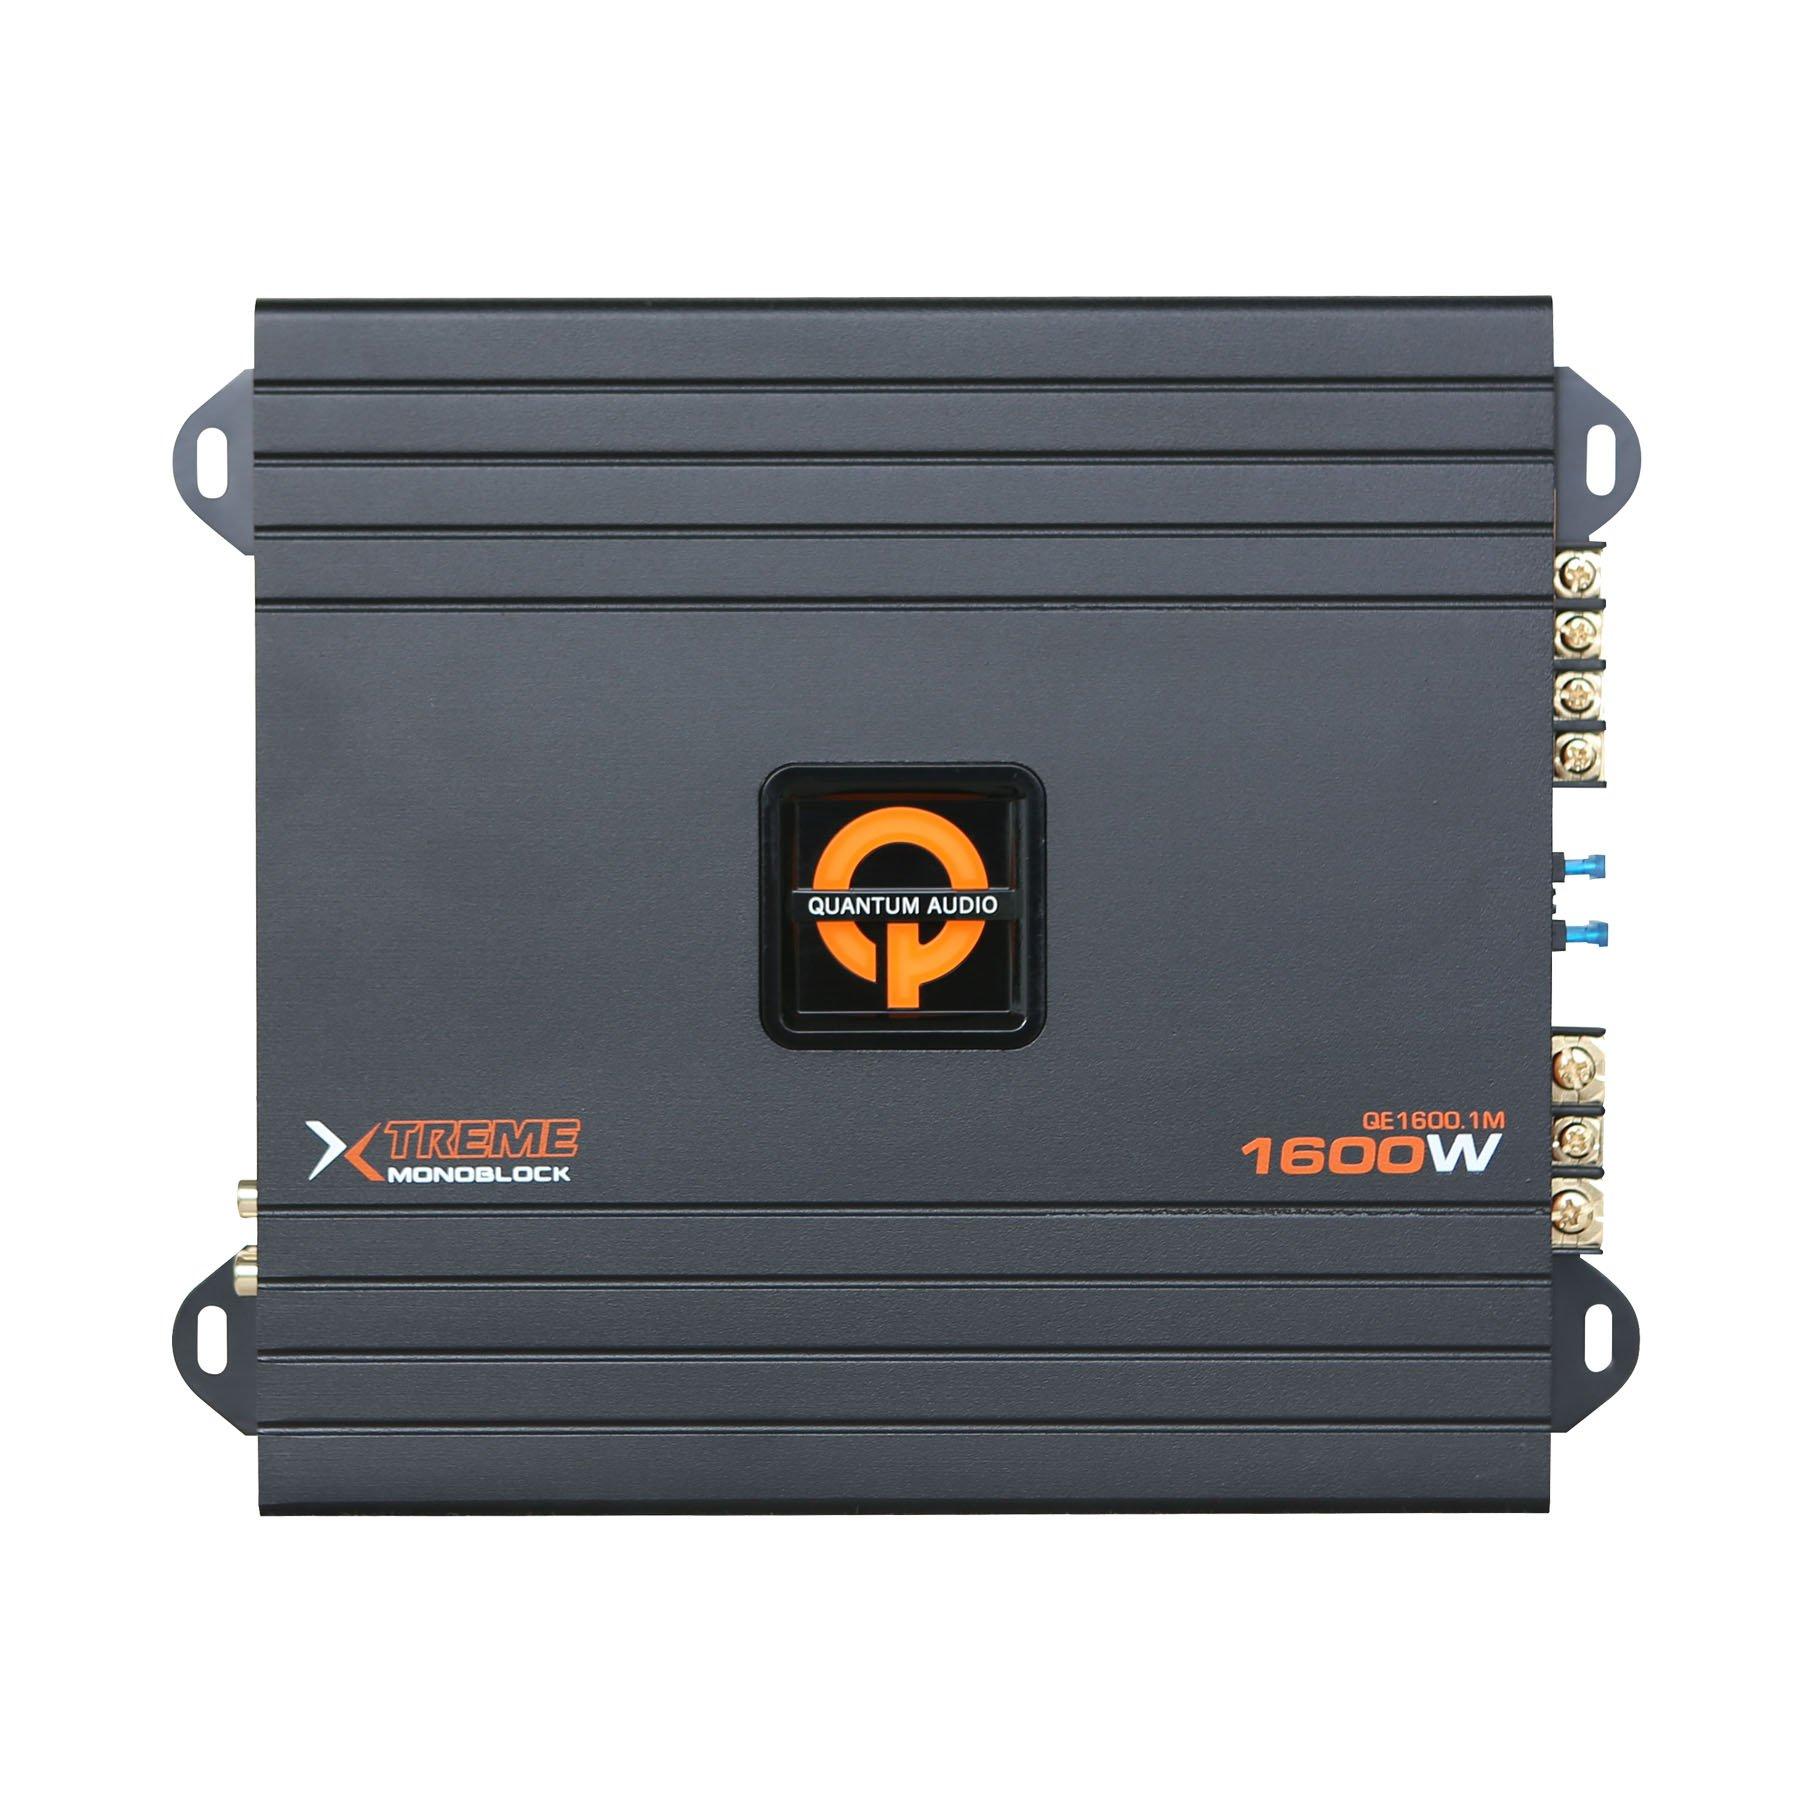 Quantum QE1600.1M Monoblock Amplifier 1600W